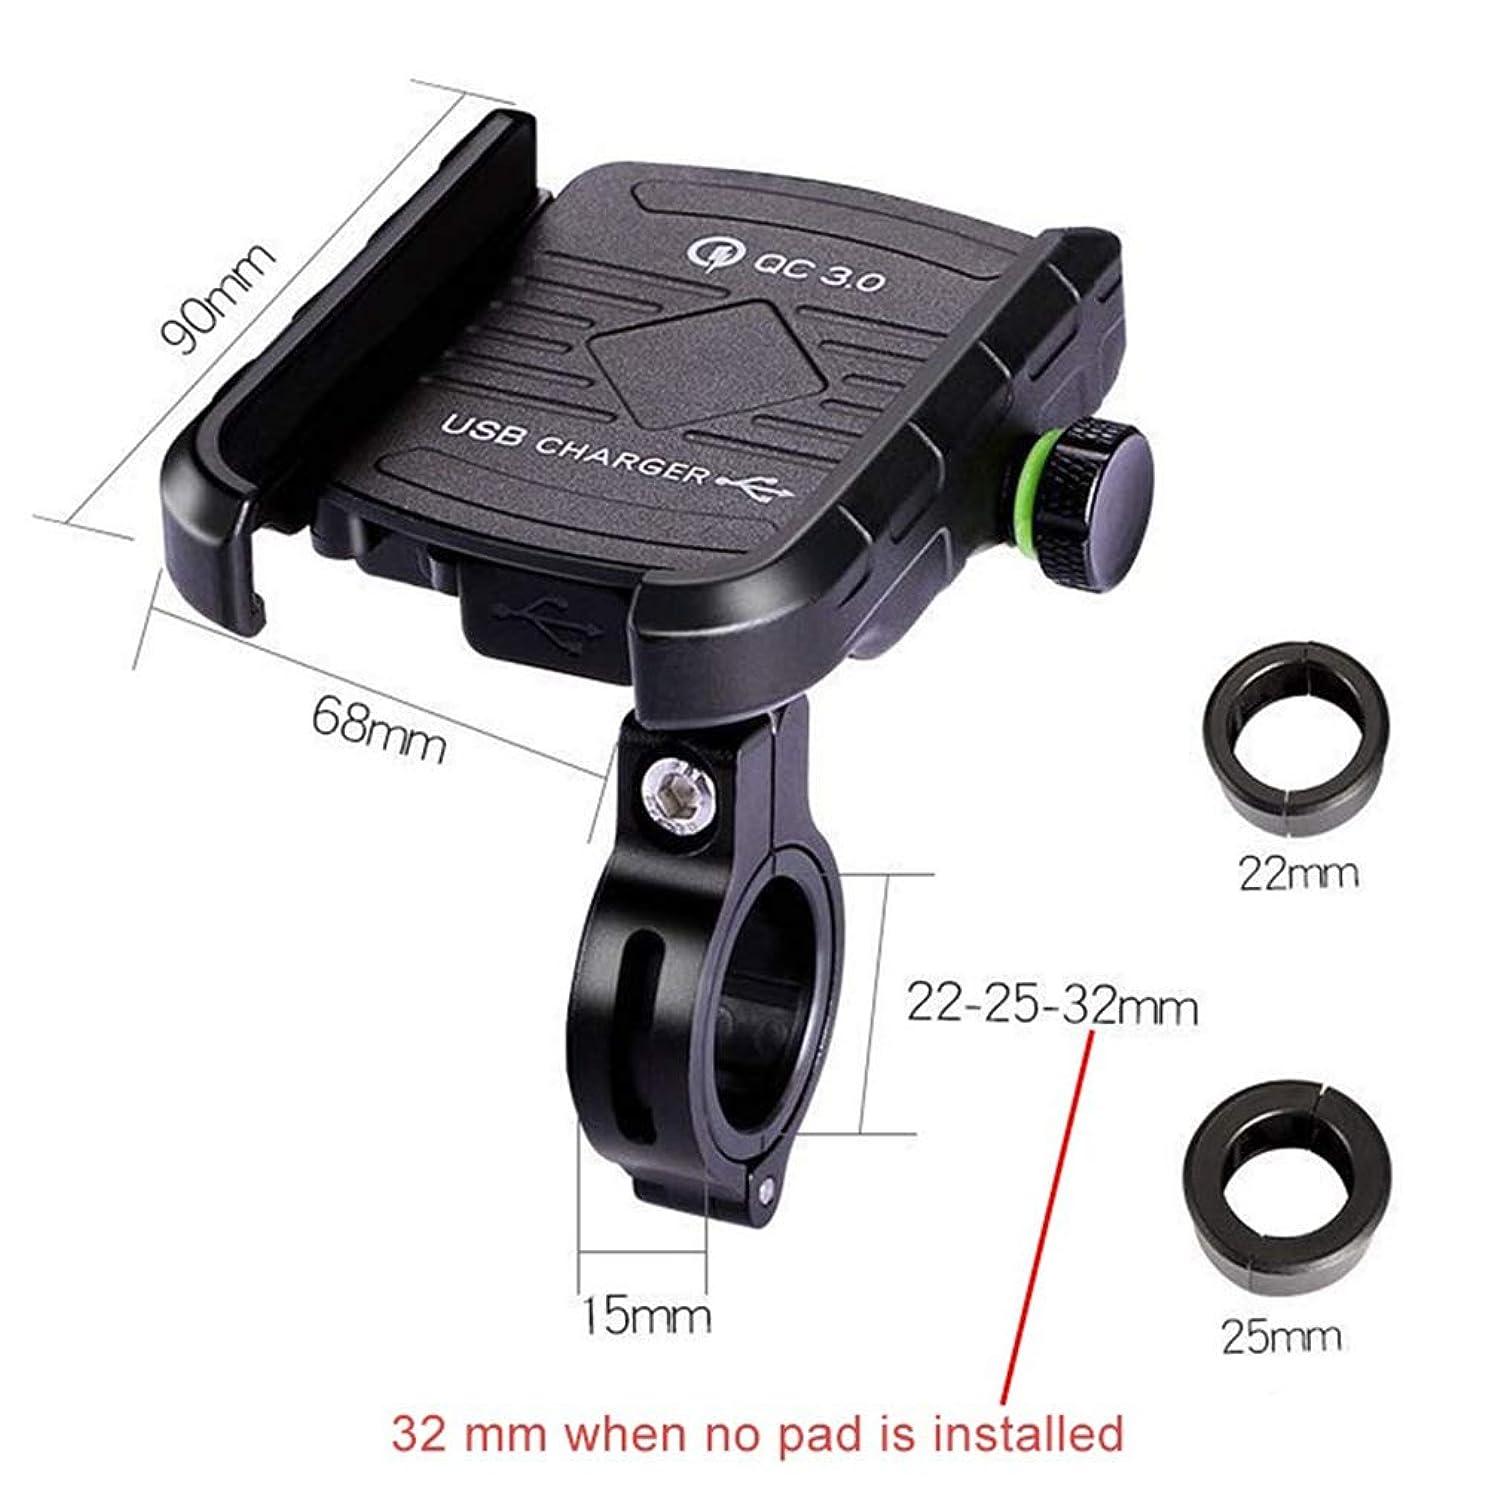 ボタンライオン雹自転車オートバイ携帯電話マウントホルダー - オートバイ/自転車USB充電器QC 3.0高速充電電話ブラケット、あらゆるスマートフォンGPS用 - ユニバーサルマウンテンロードバイクオートバイ